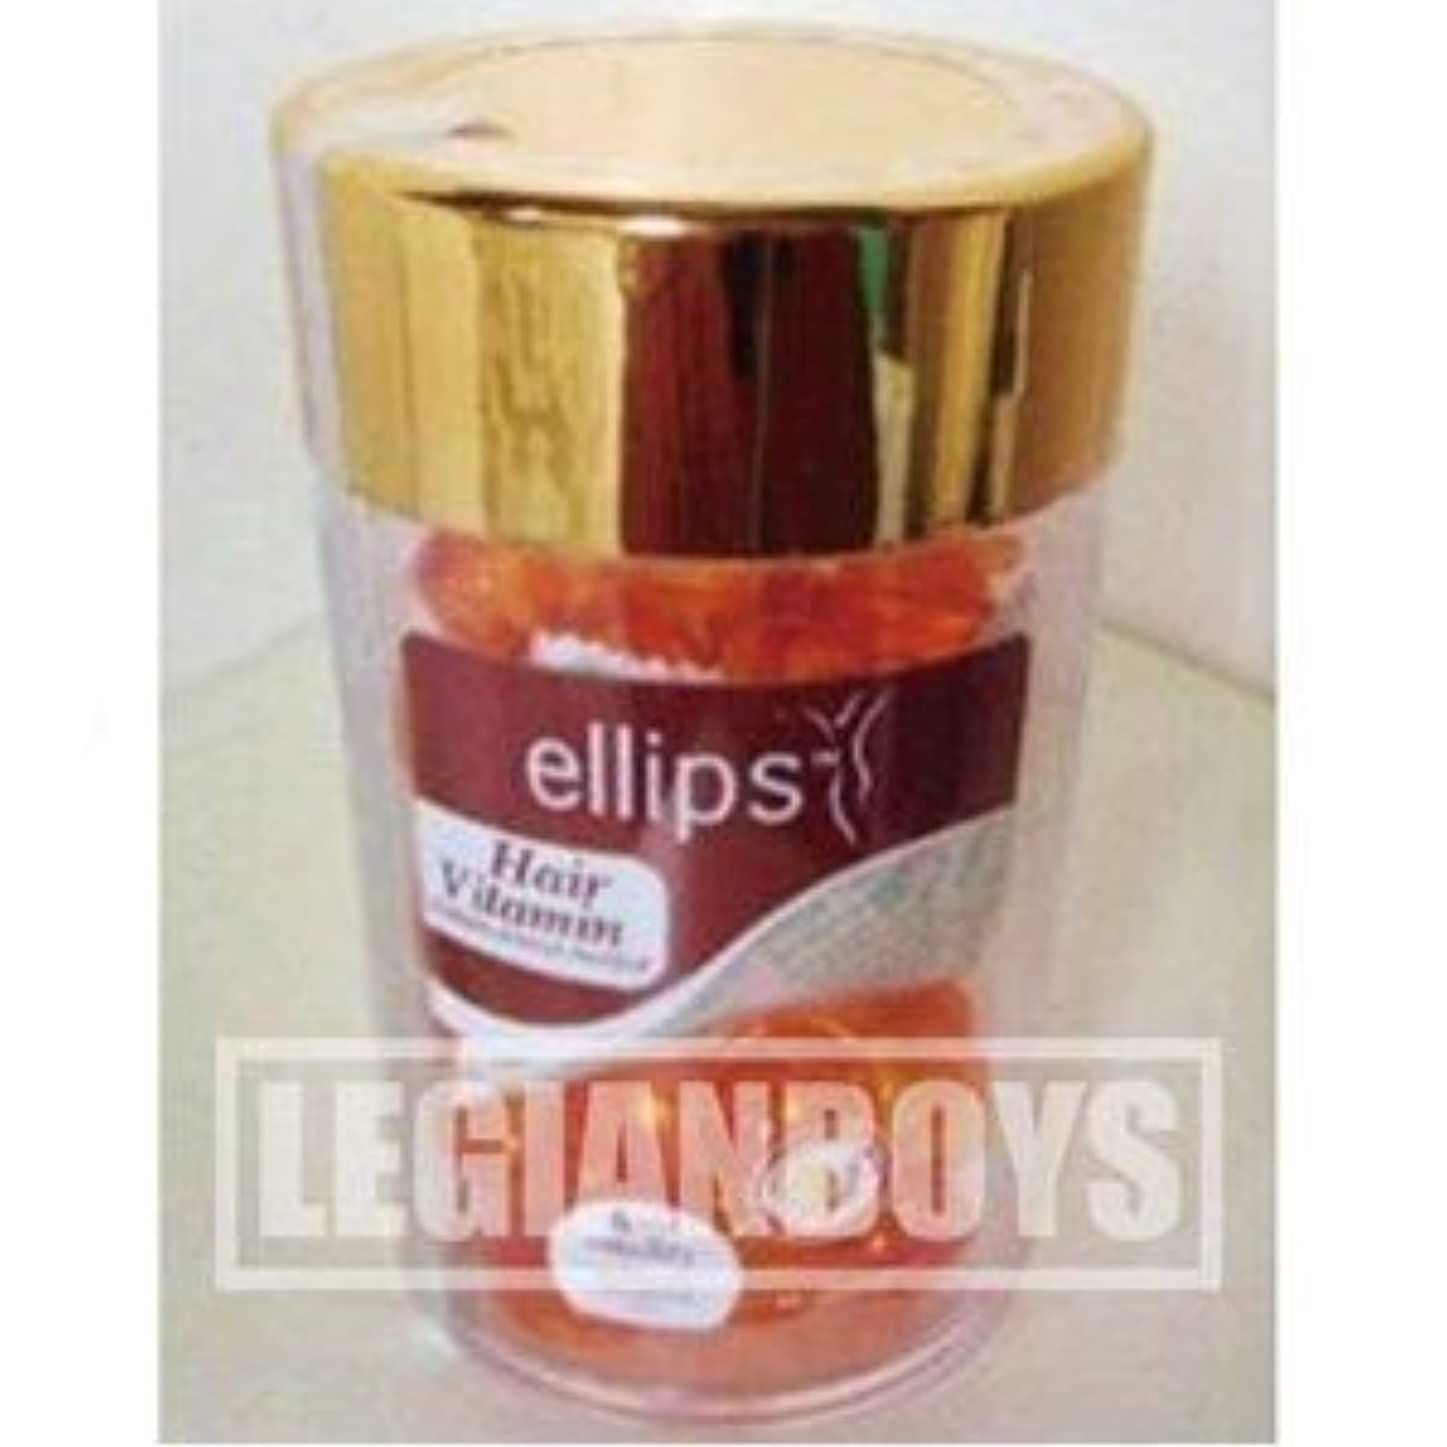 保証する気付く魅力的ヘアケアトリートメント エリプス・ヘアビタミン【オレンジ】1ml×50粒入** ellips Hair Vitaminインドネシア